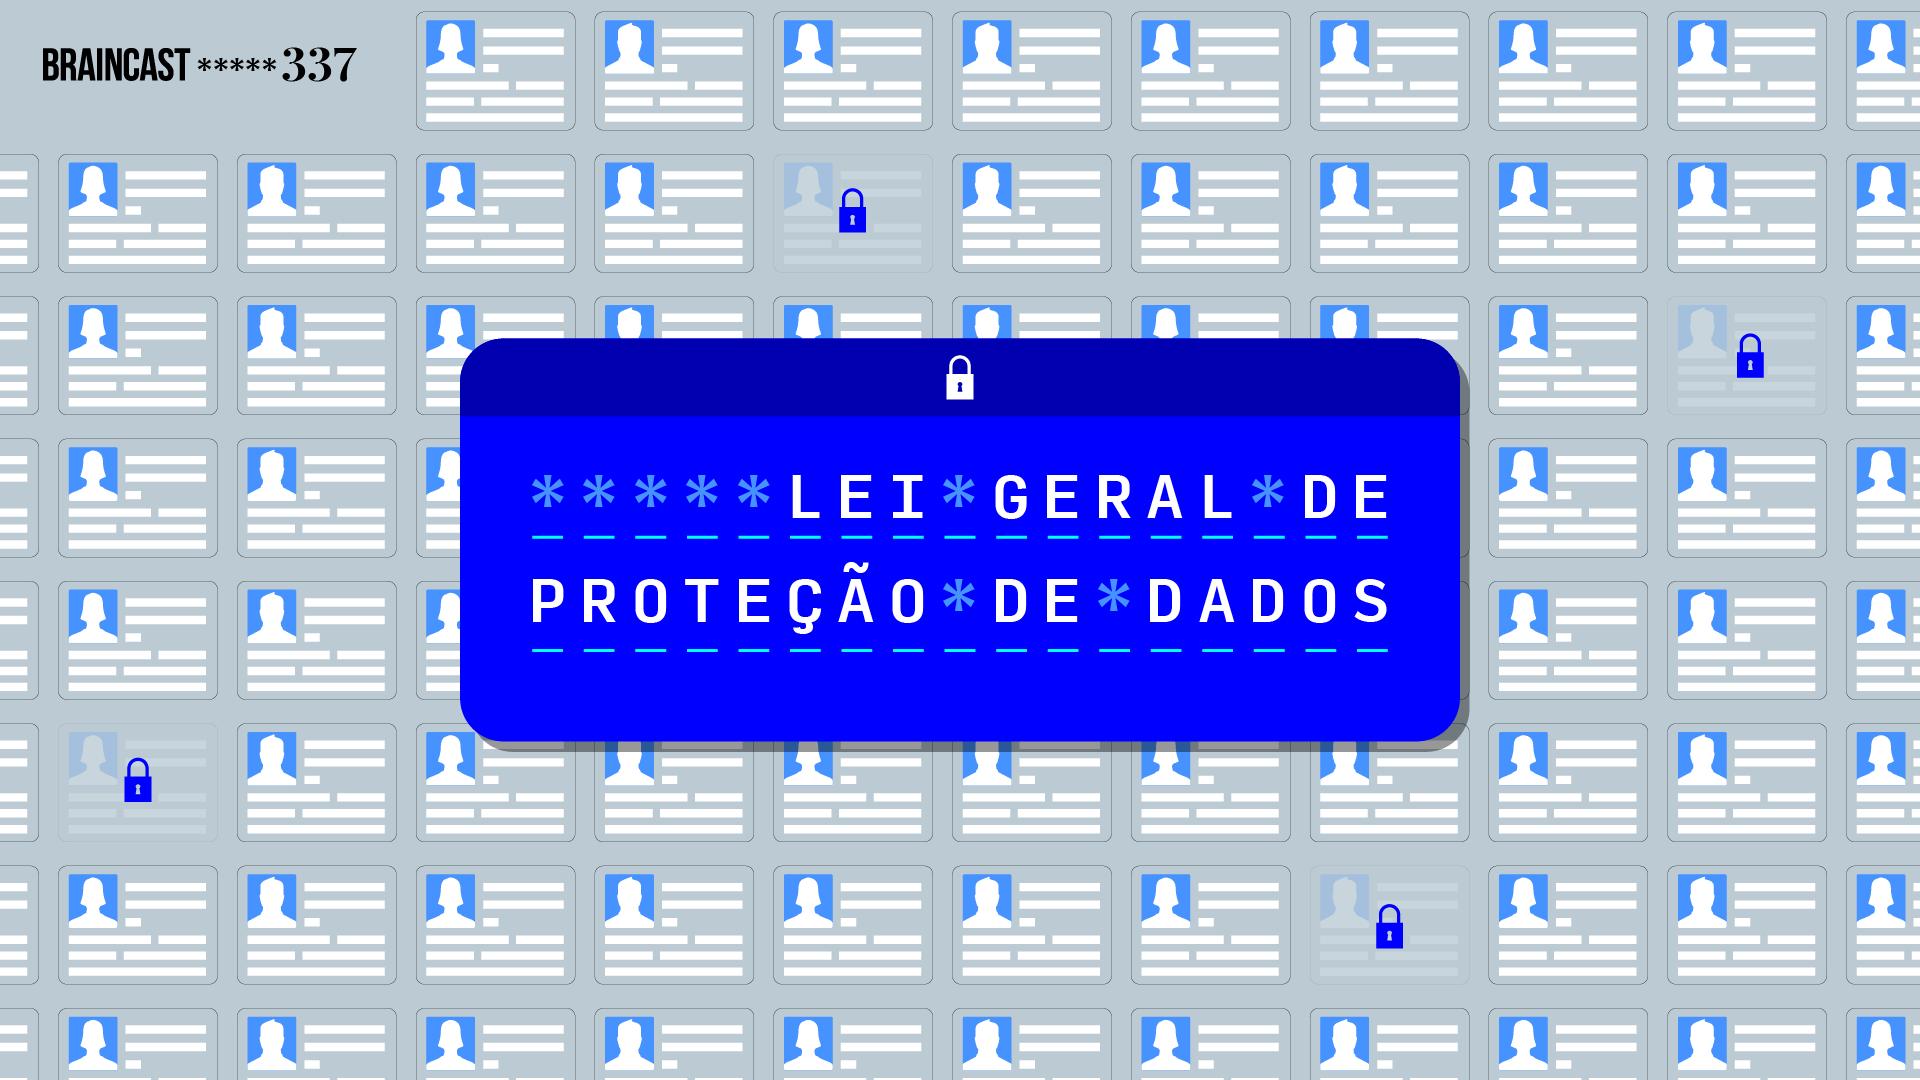 Braincast 337 – Lei Geral de Proteção de Dados